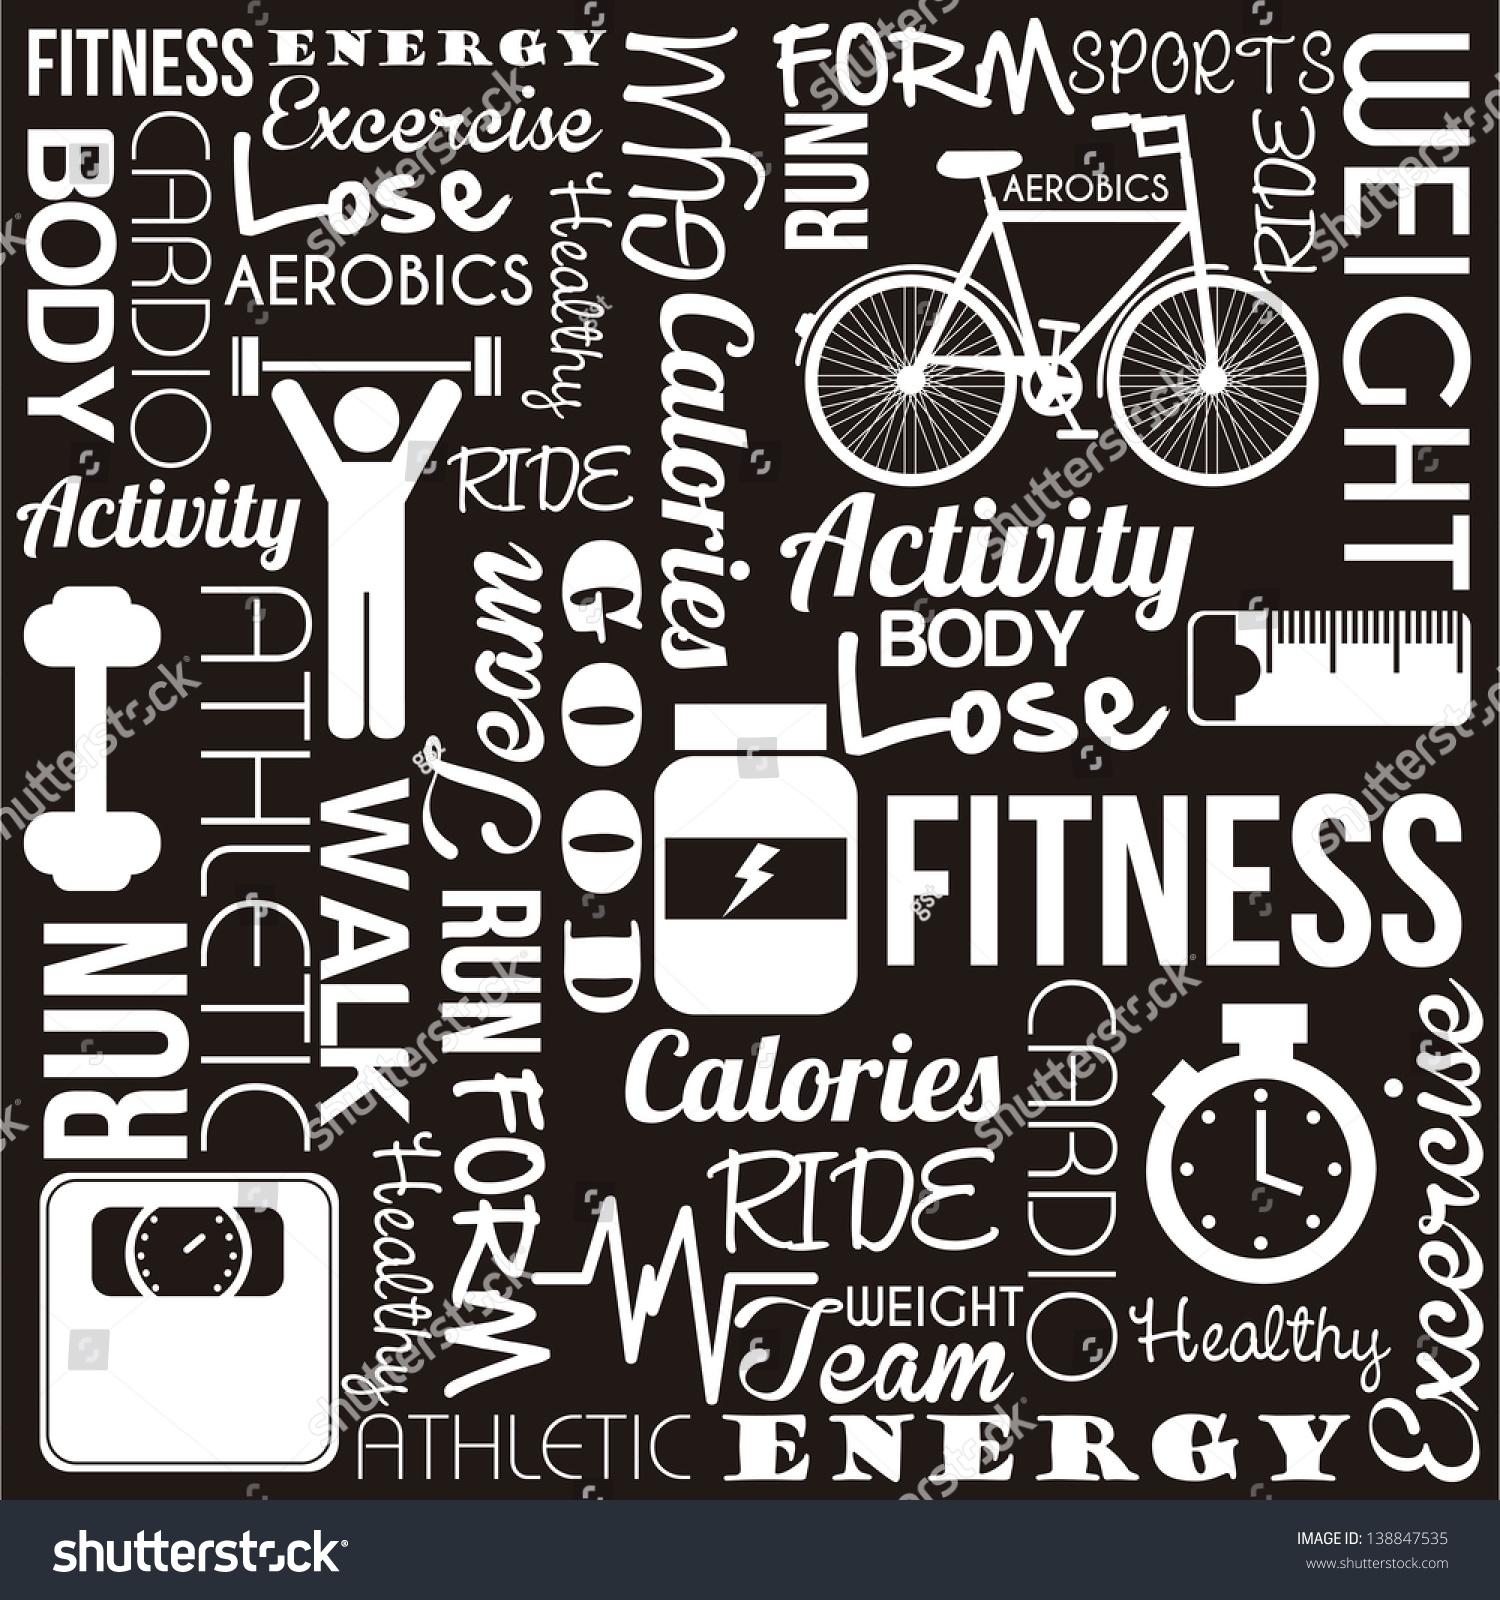 Fitness Confusion: Kost Og Ordentlig Ernæring